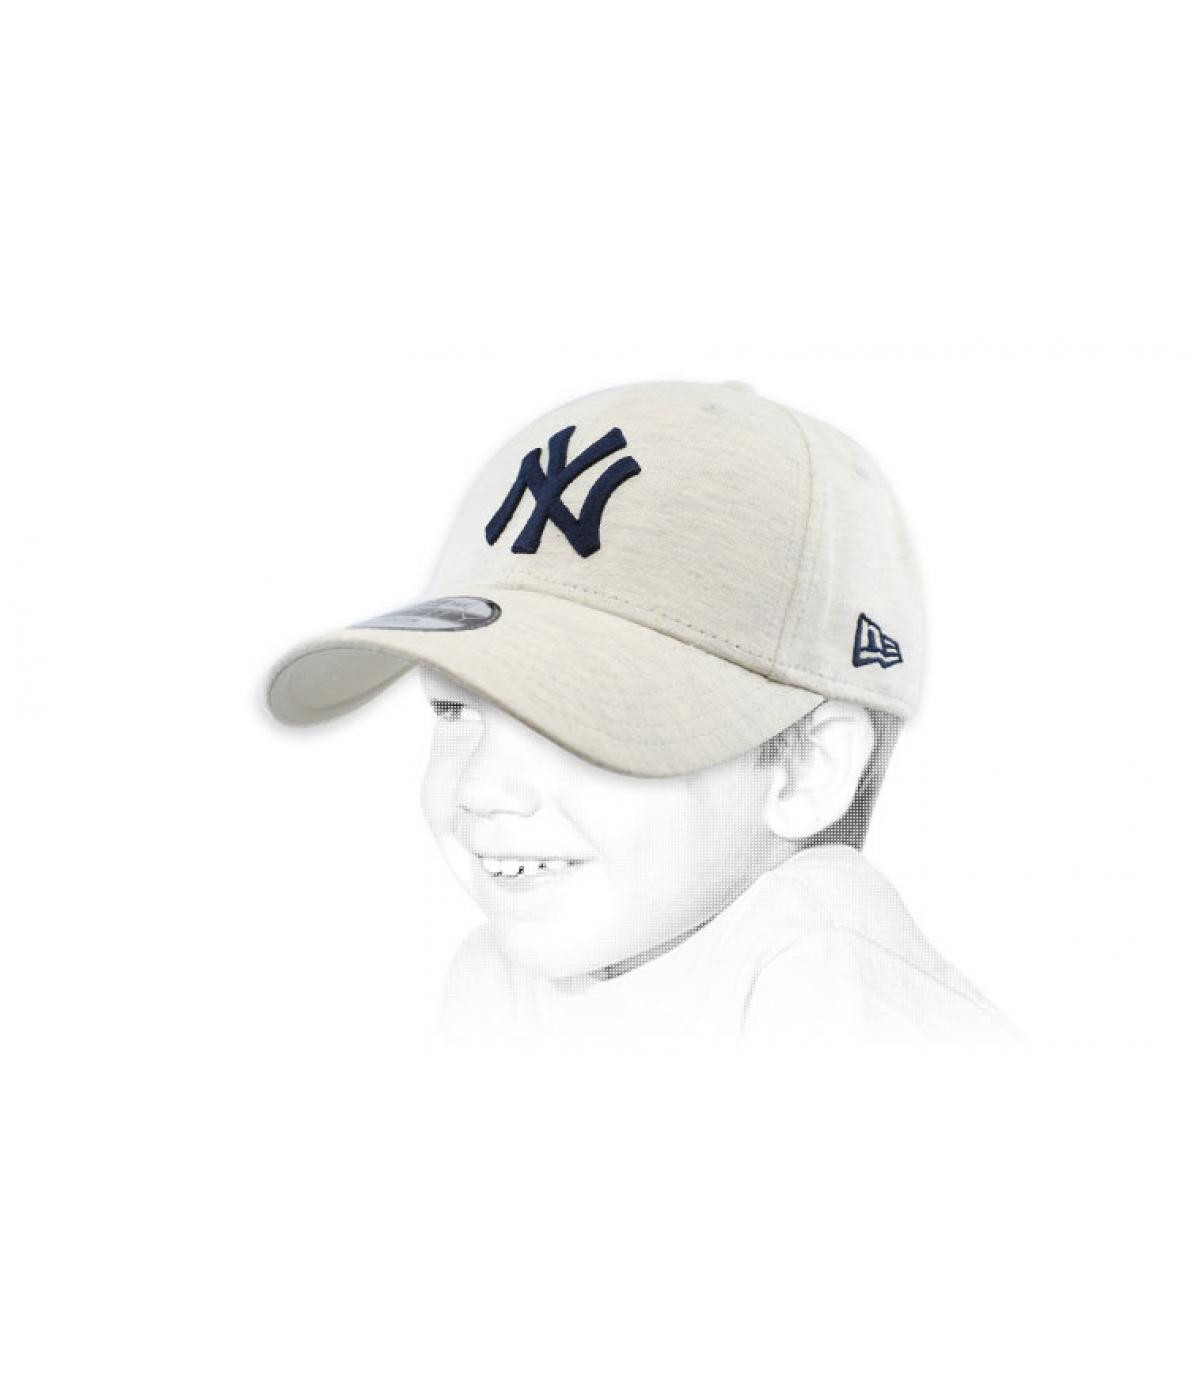 berretto bambino NY grigio